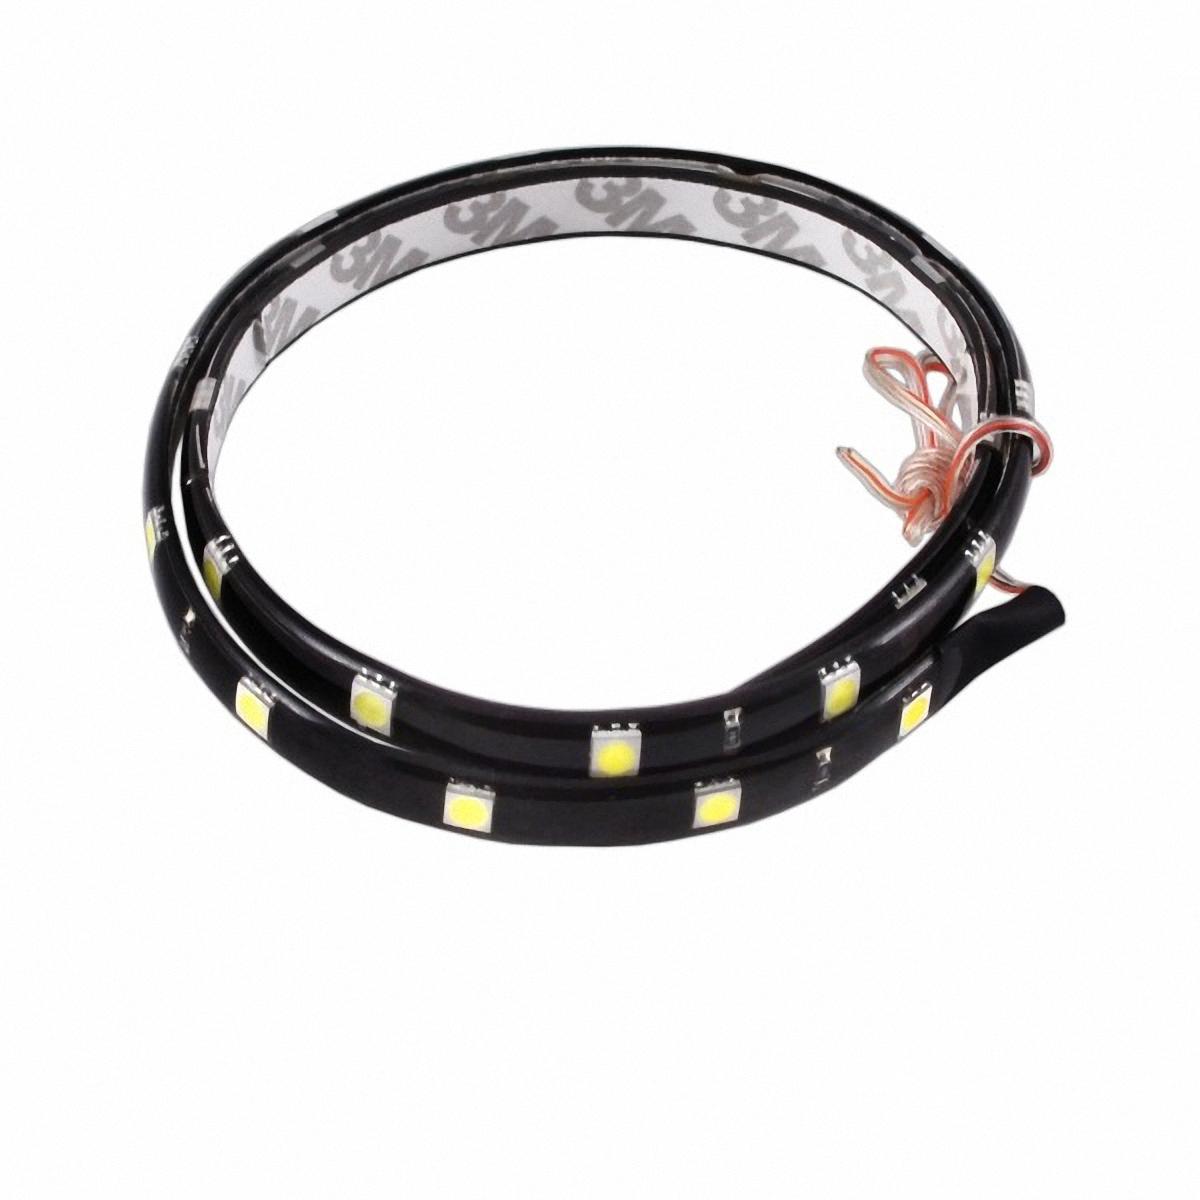 Skyway Лента светодиодная 24 SMD диодов. S03201004S03201004Входное напряжение: 12V.Длина: 60 см.Цвет свечения: белый.